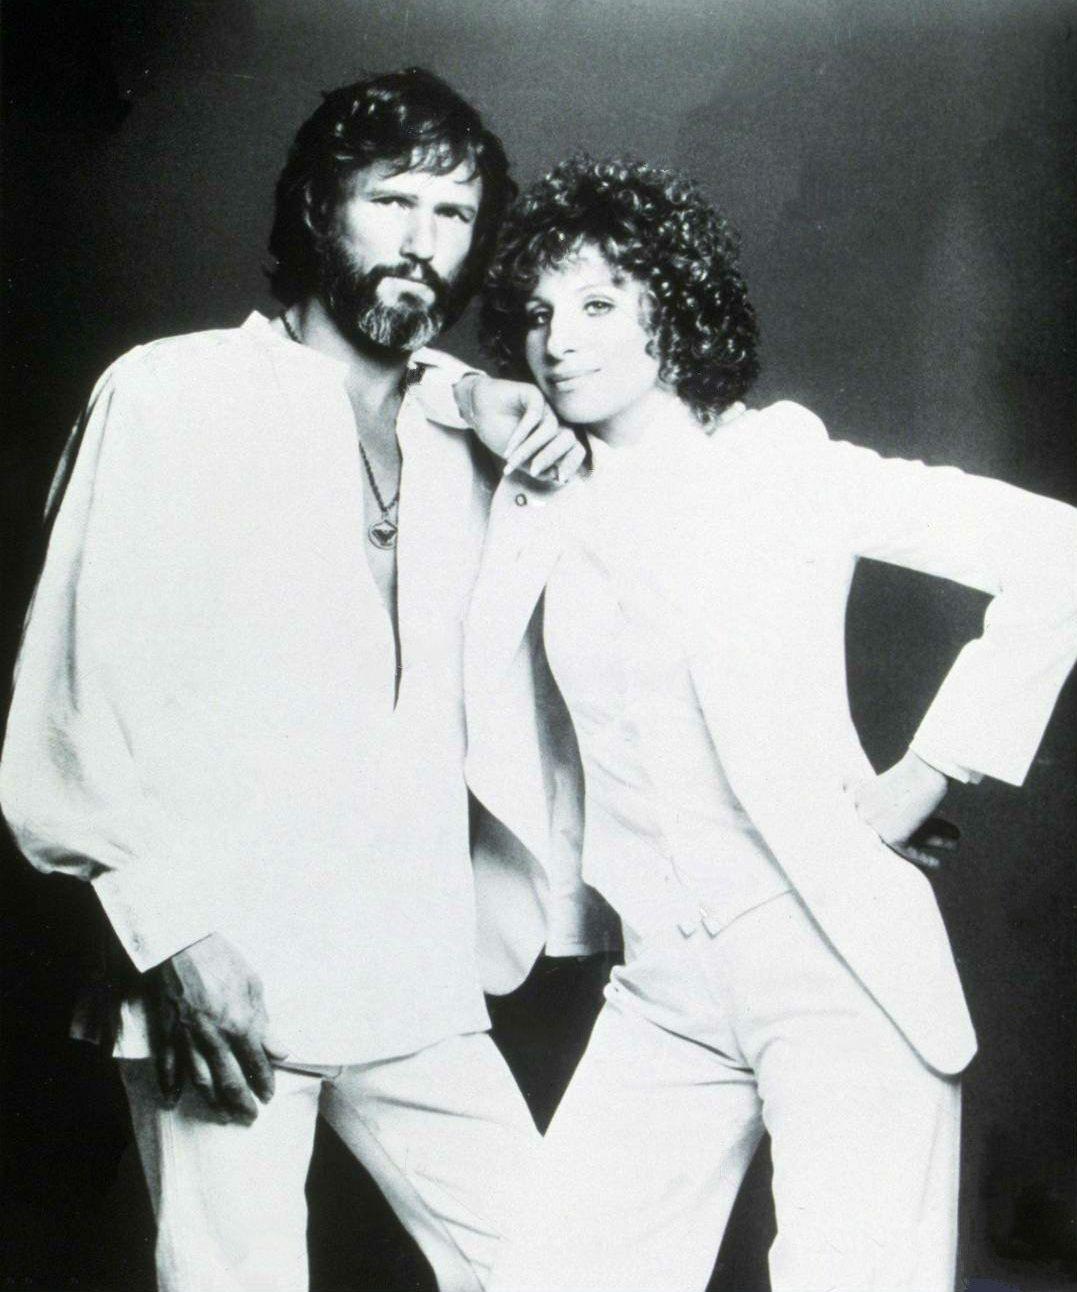 Barbra Streisand Kris Kristofferson Star Is Born Kris Kristofferson Vintage Film Stars A Star Is Born